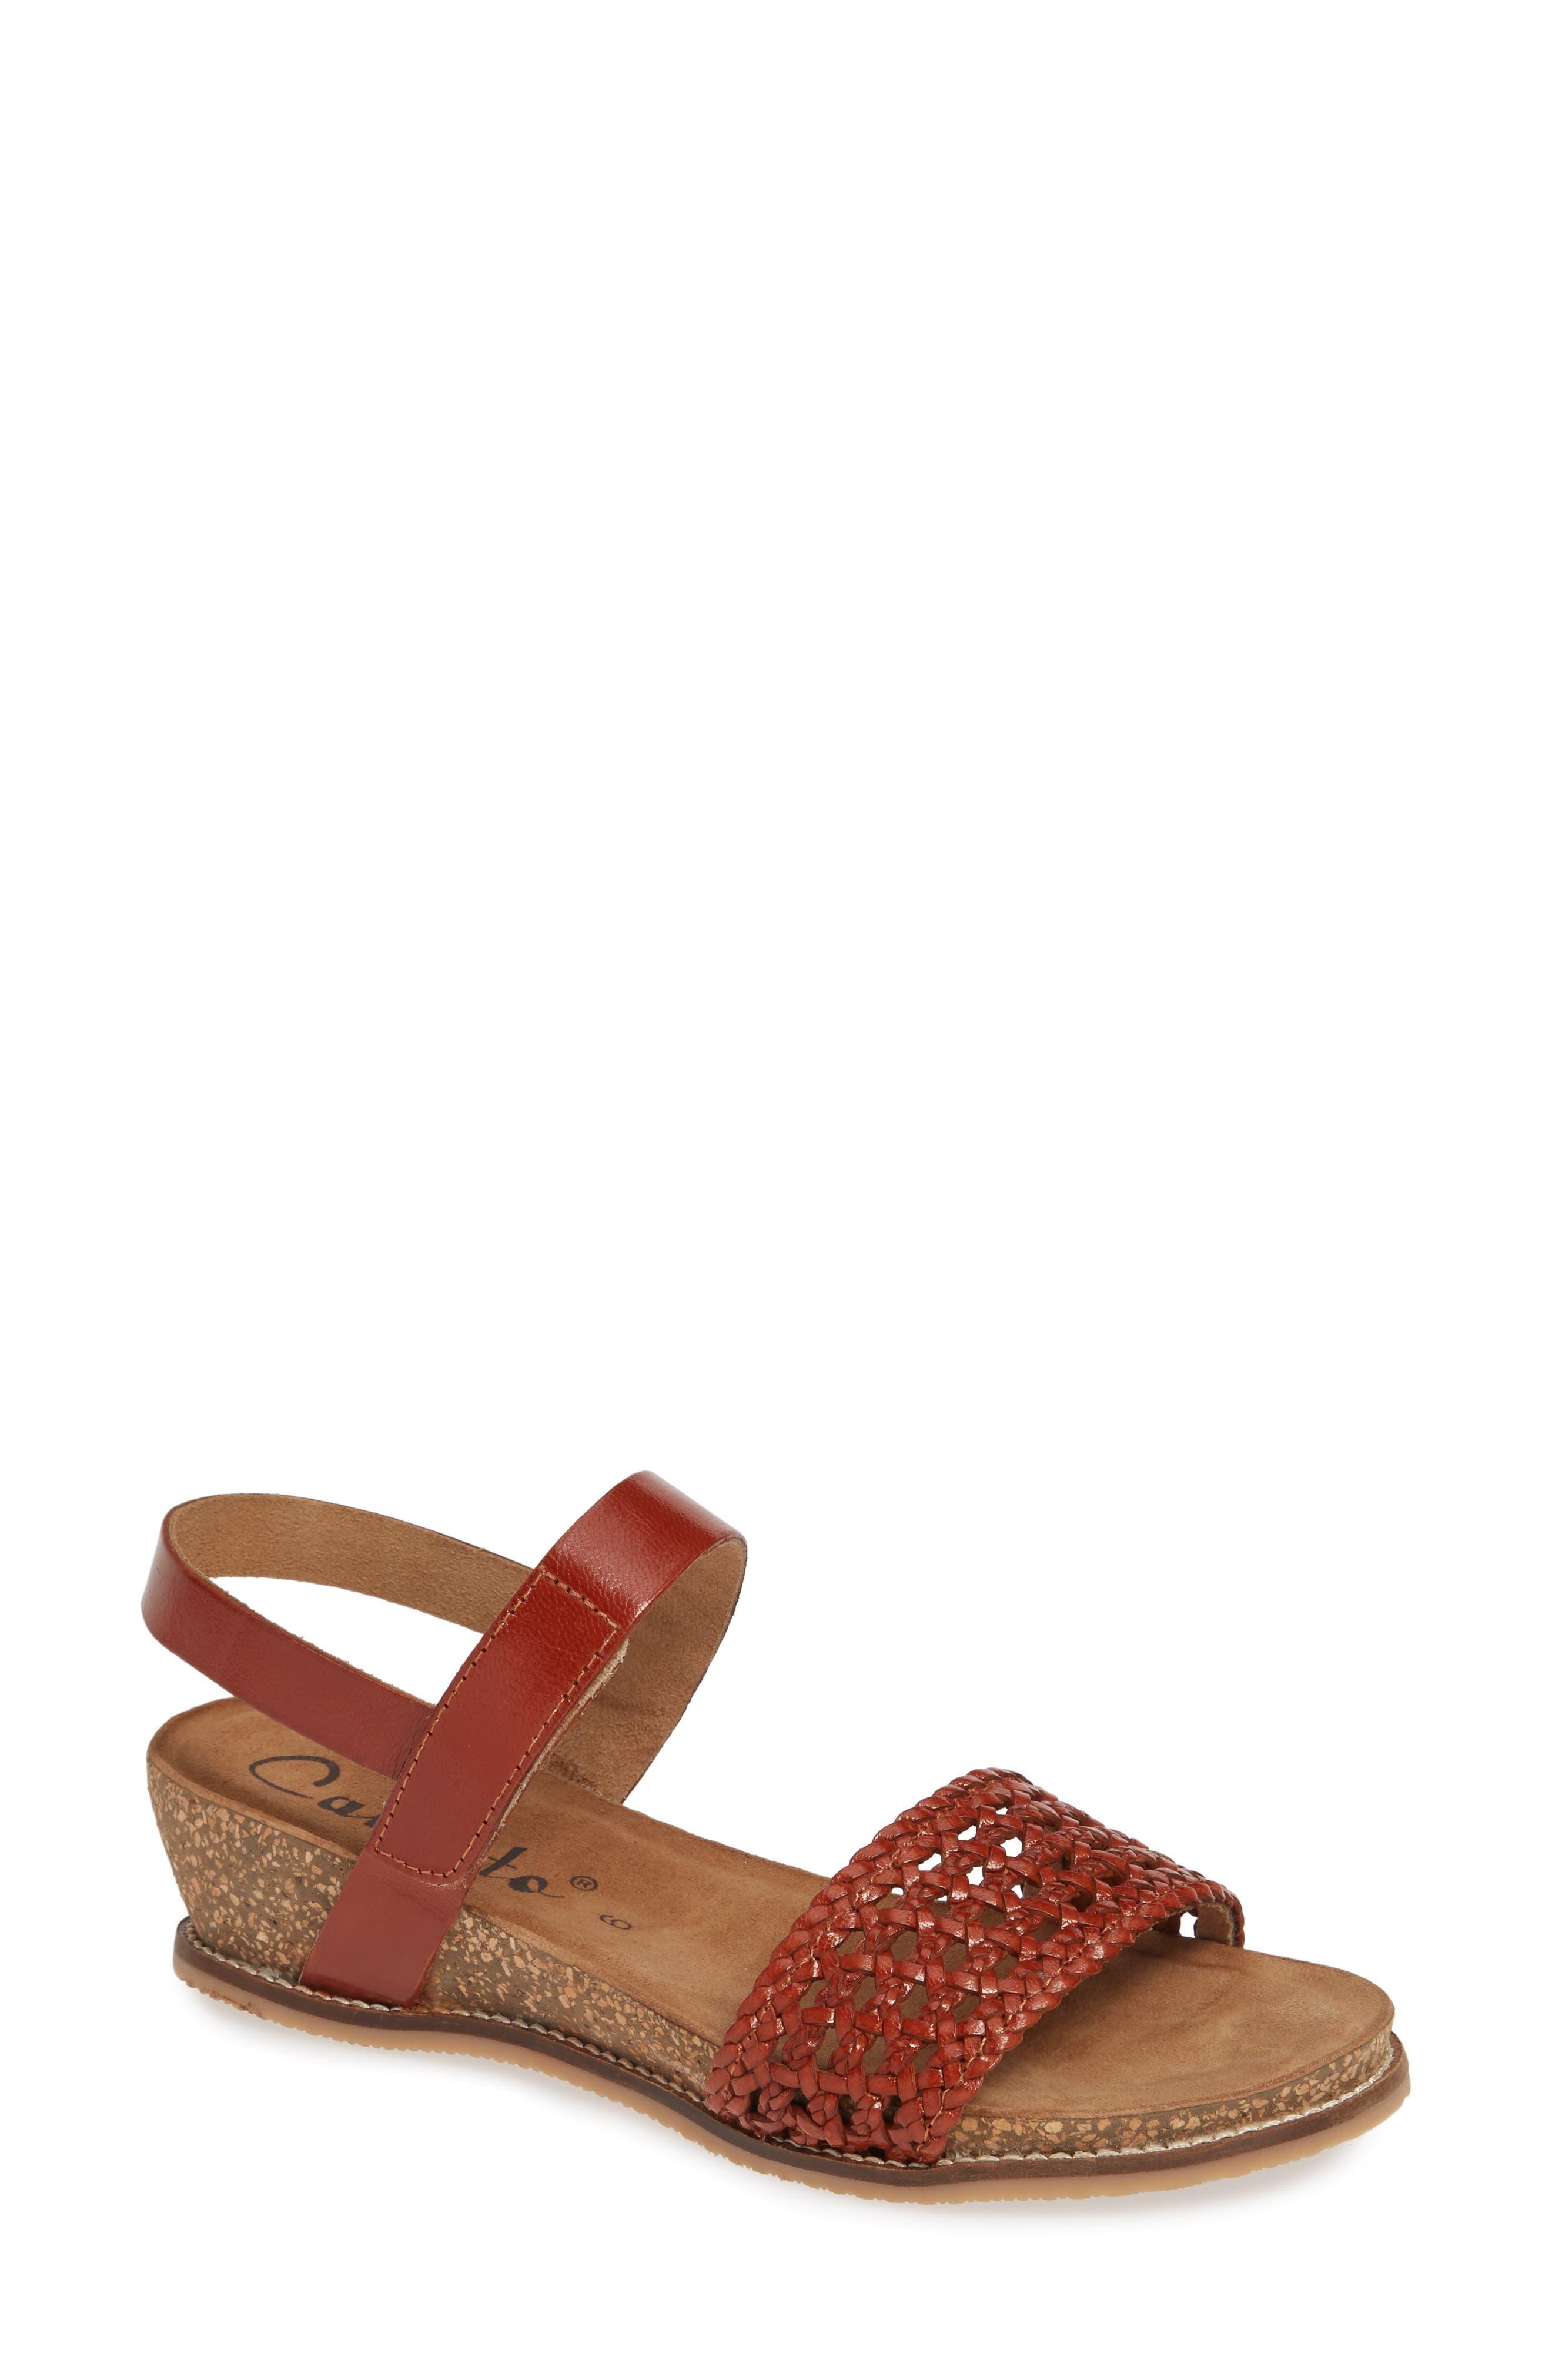 15d68a3f6 Callisto Sandals